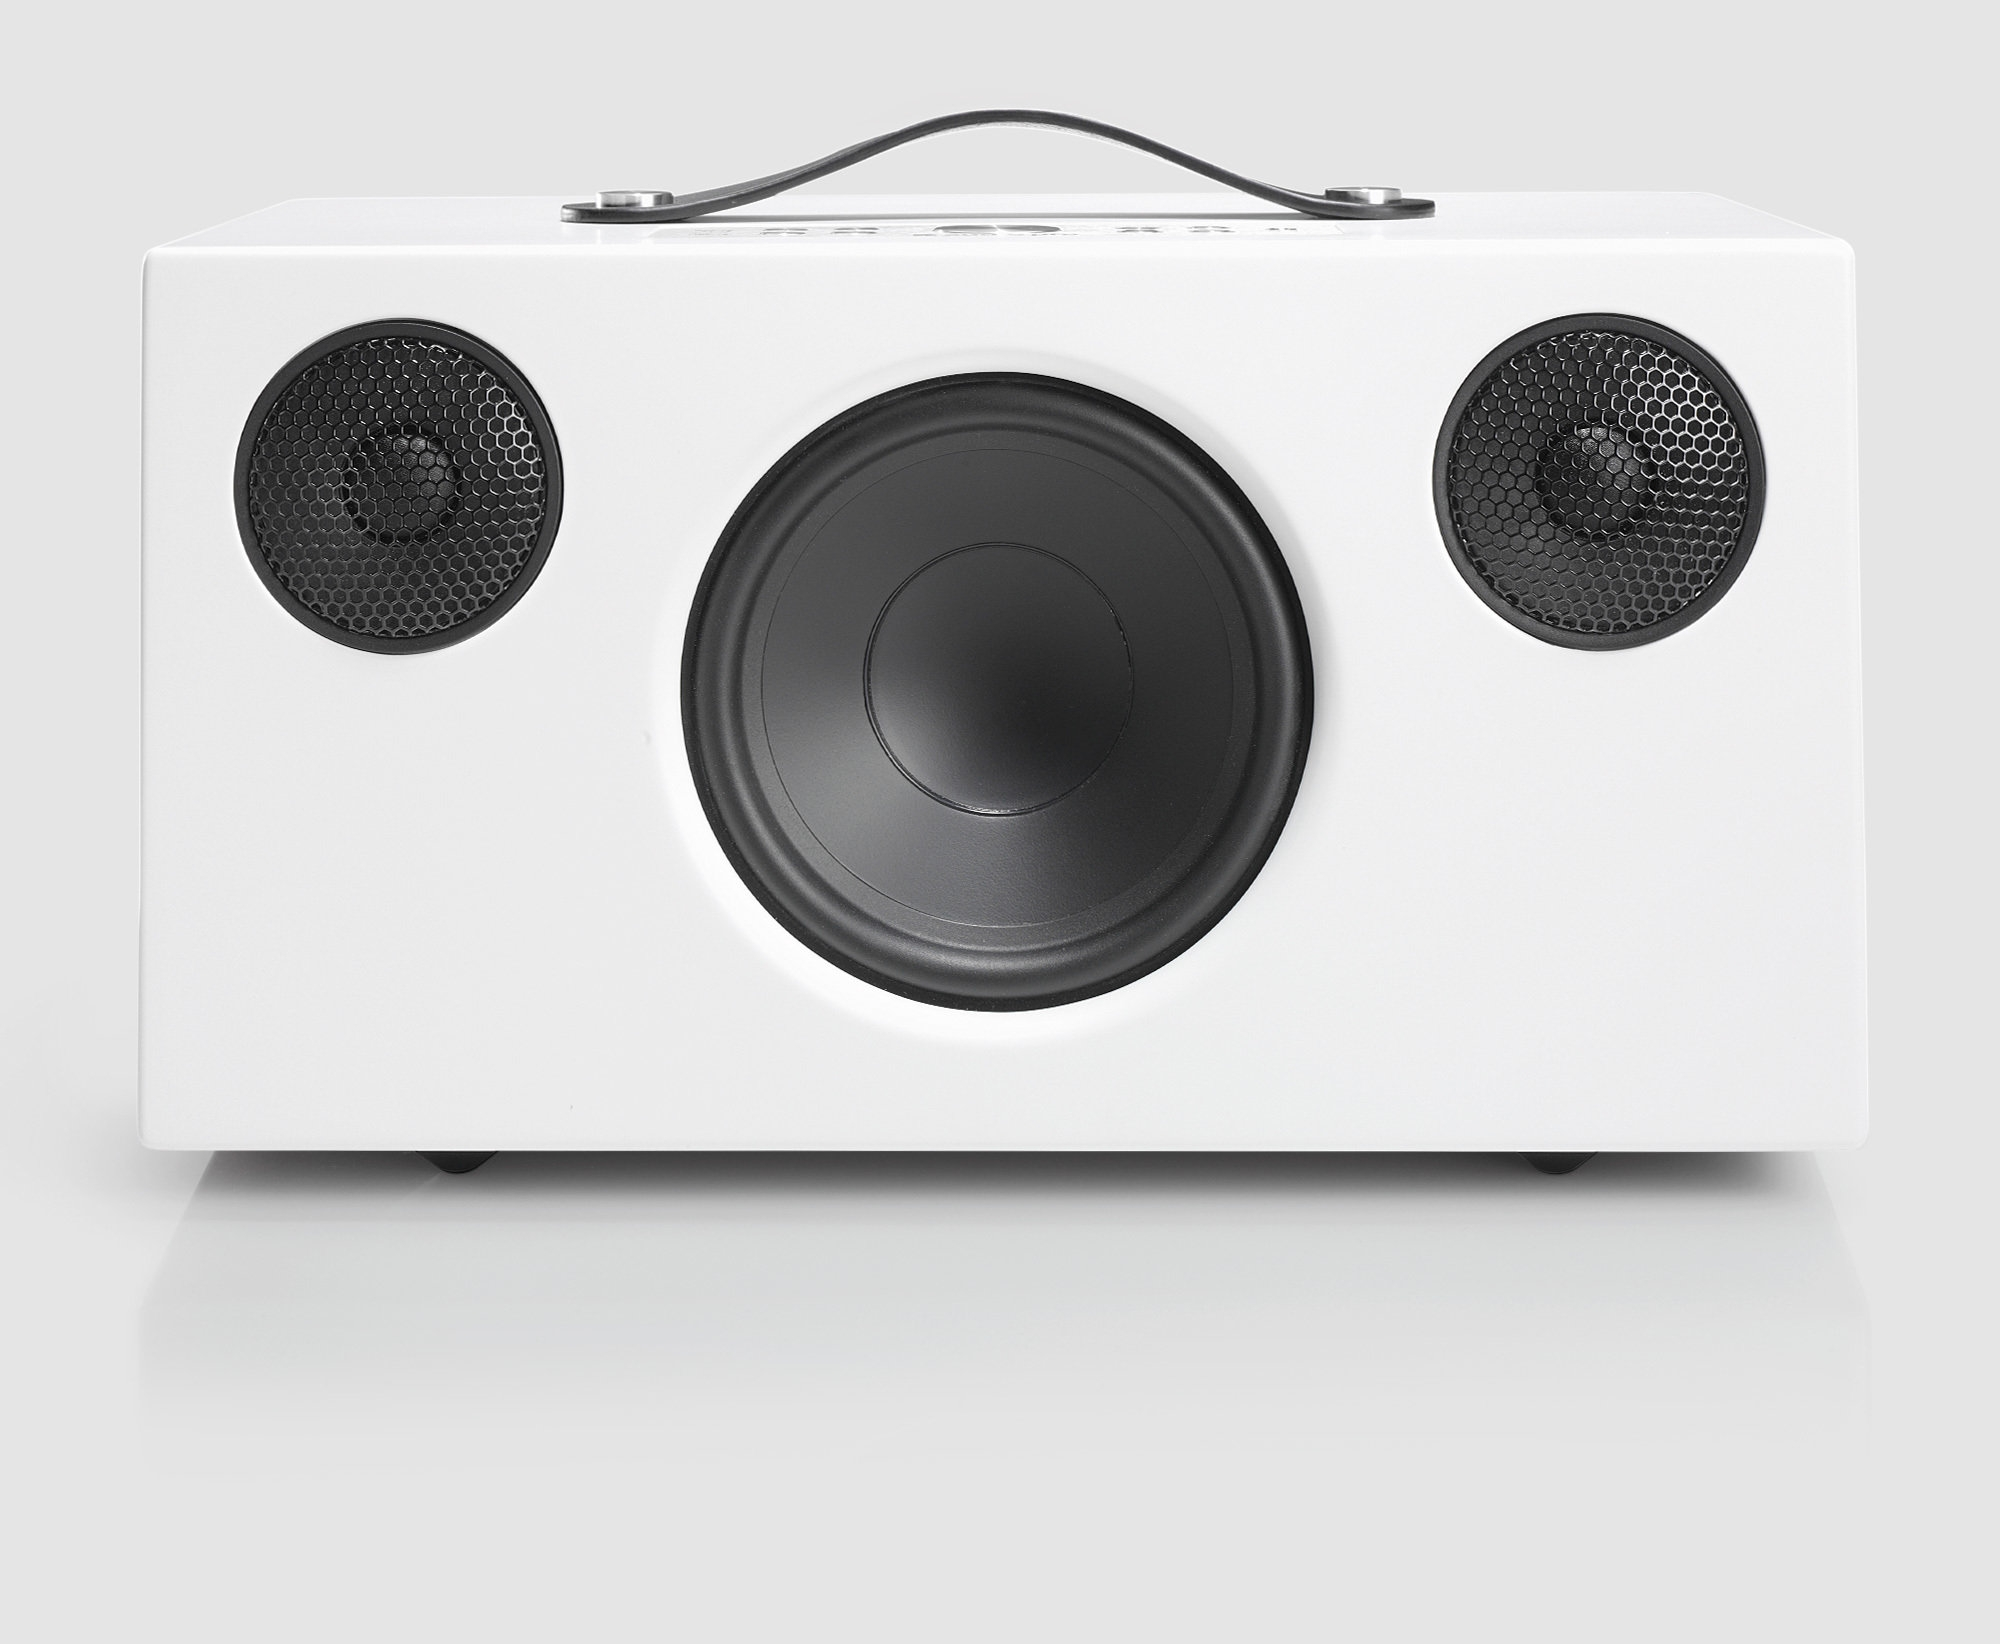 Billede af Audio pro addon C5 trådløs Multirums højttaler